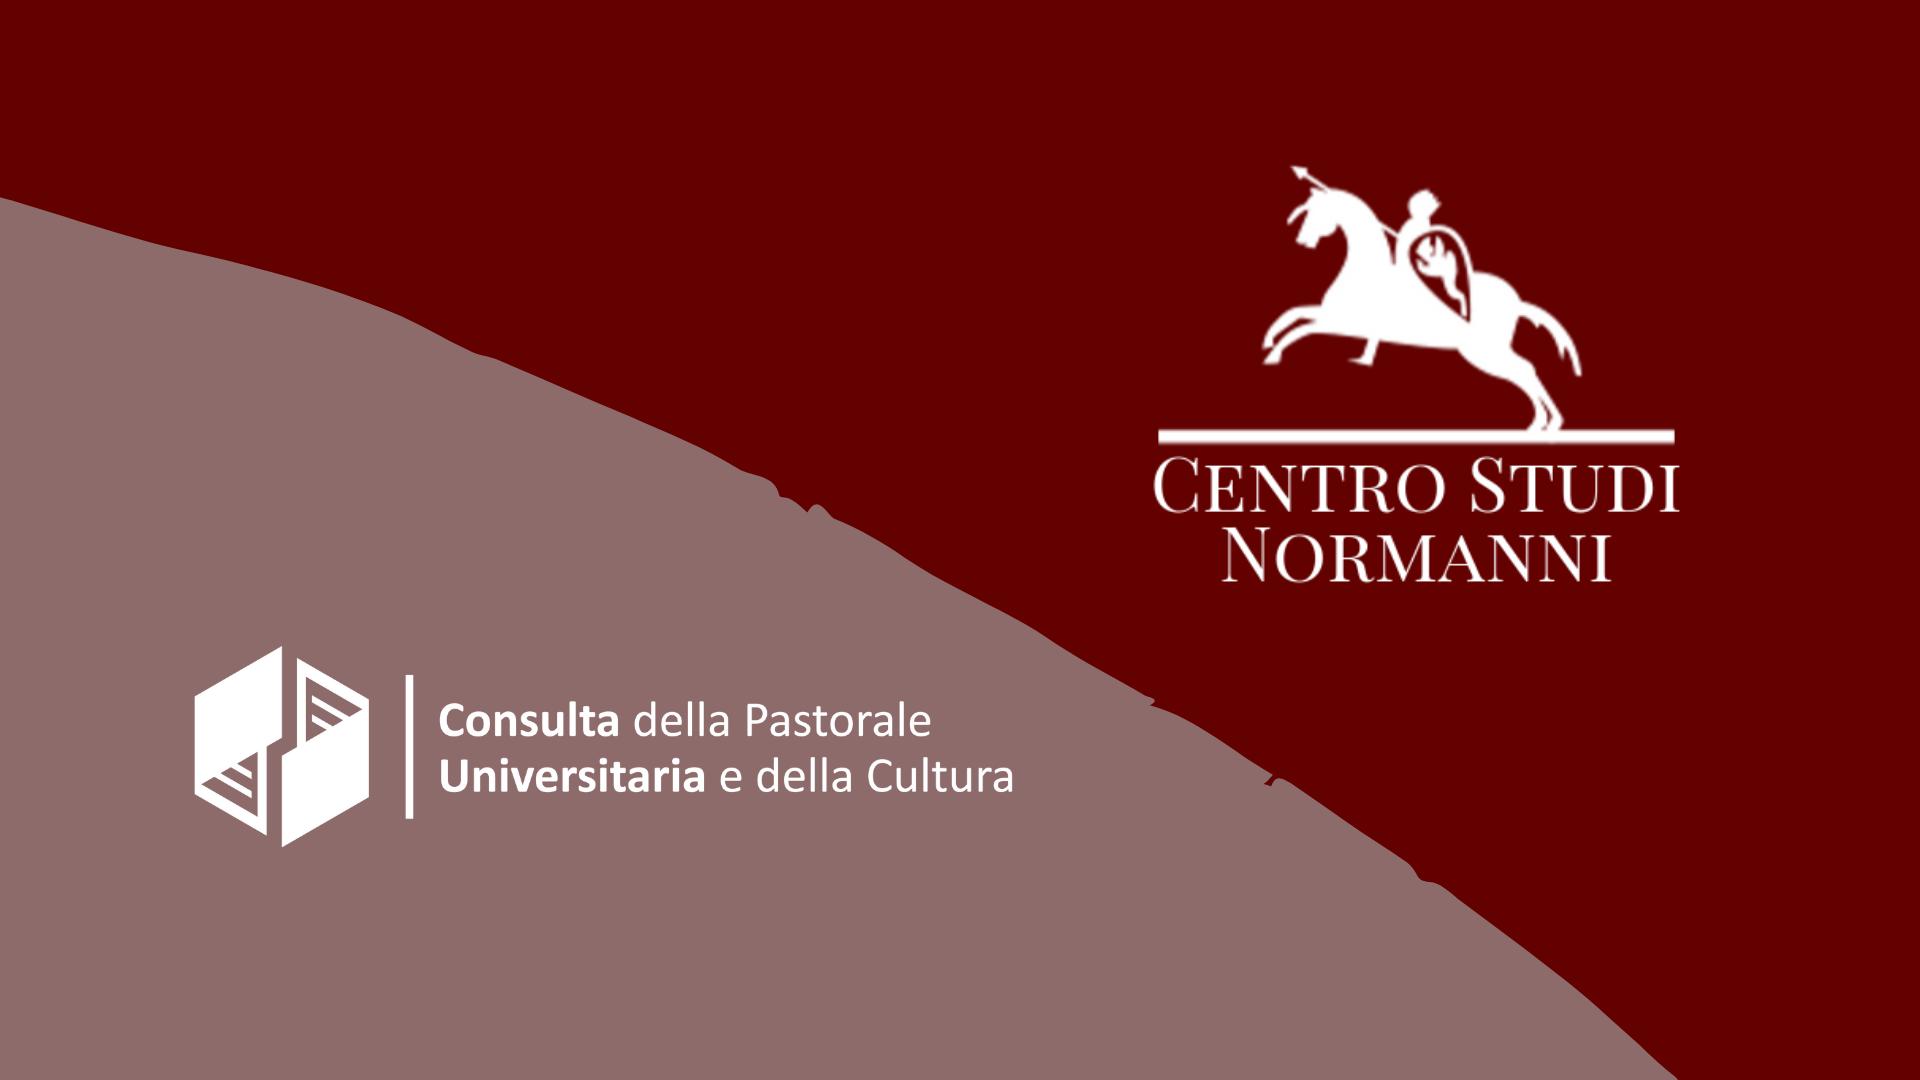 Firmato il protocollo d'intesa tra Centro Studi Normanni e Consulta della Pastorale Universitaria